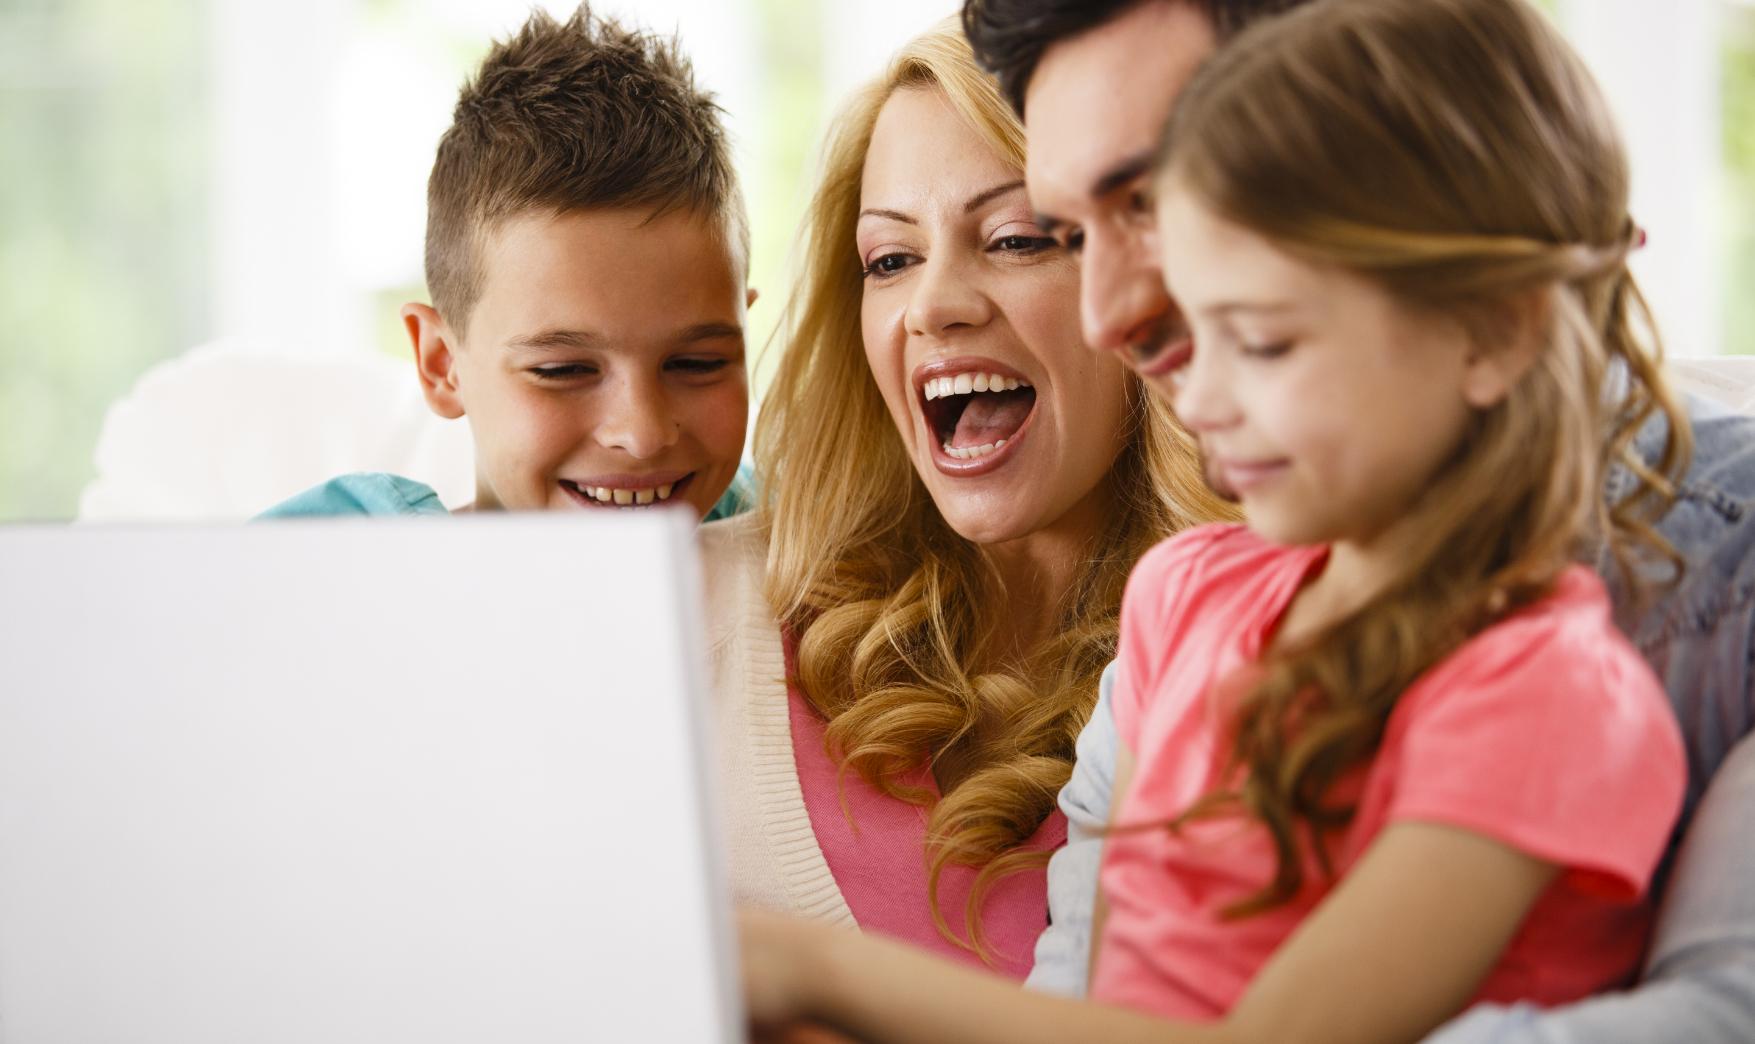 Sicherer Umgang für Kinder im web